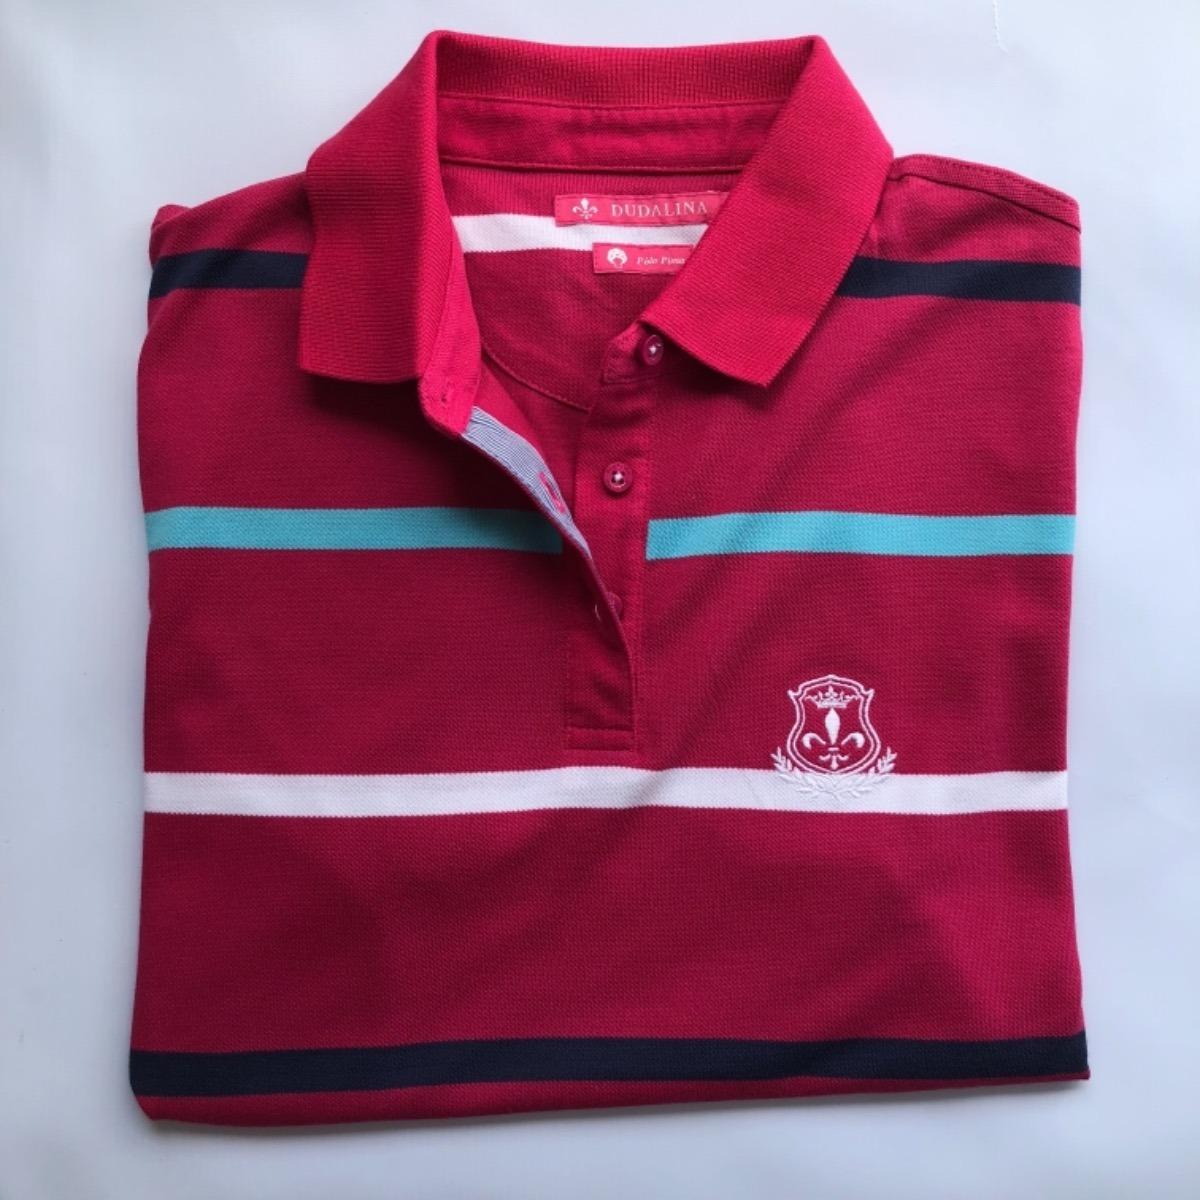 583861614c camisa polo feminina dudalina original importada. Carregando zoom.